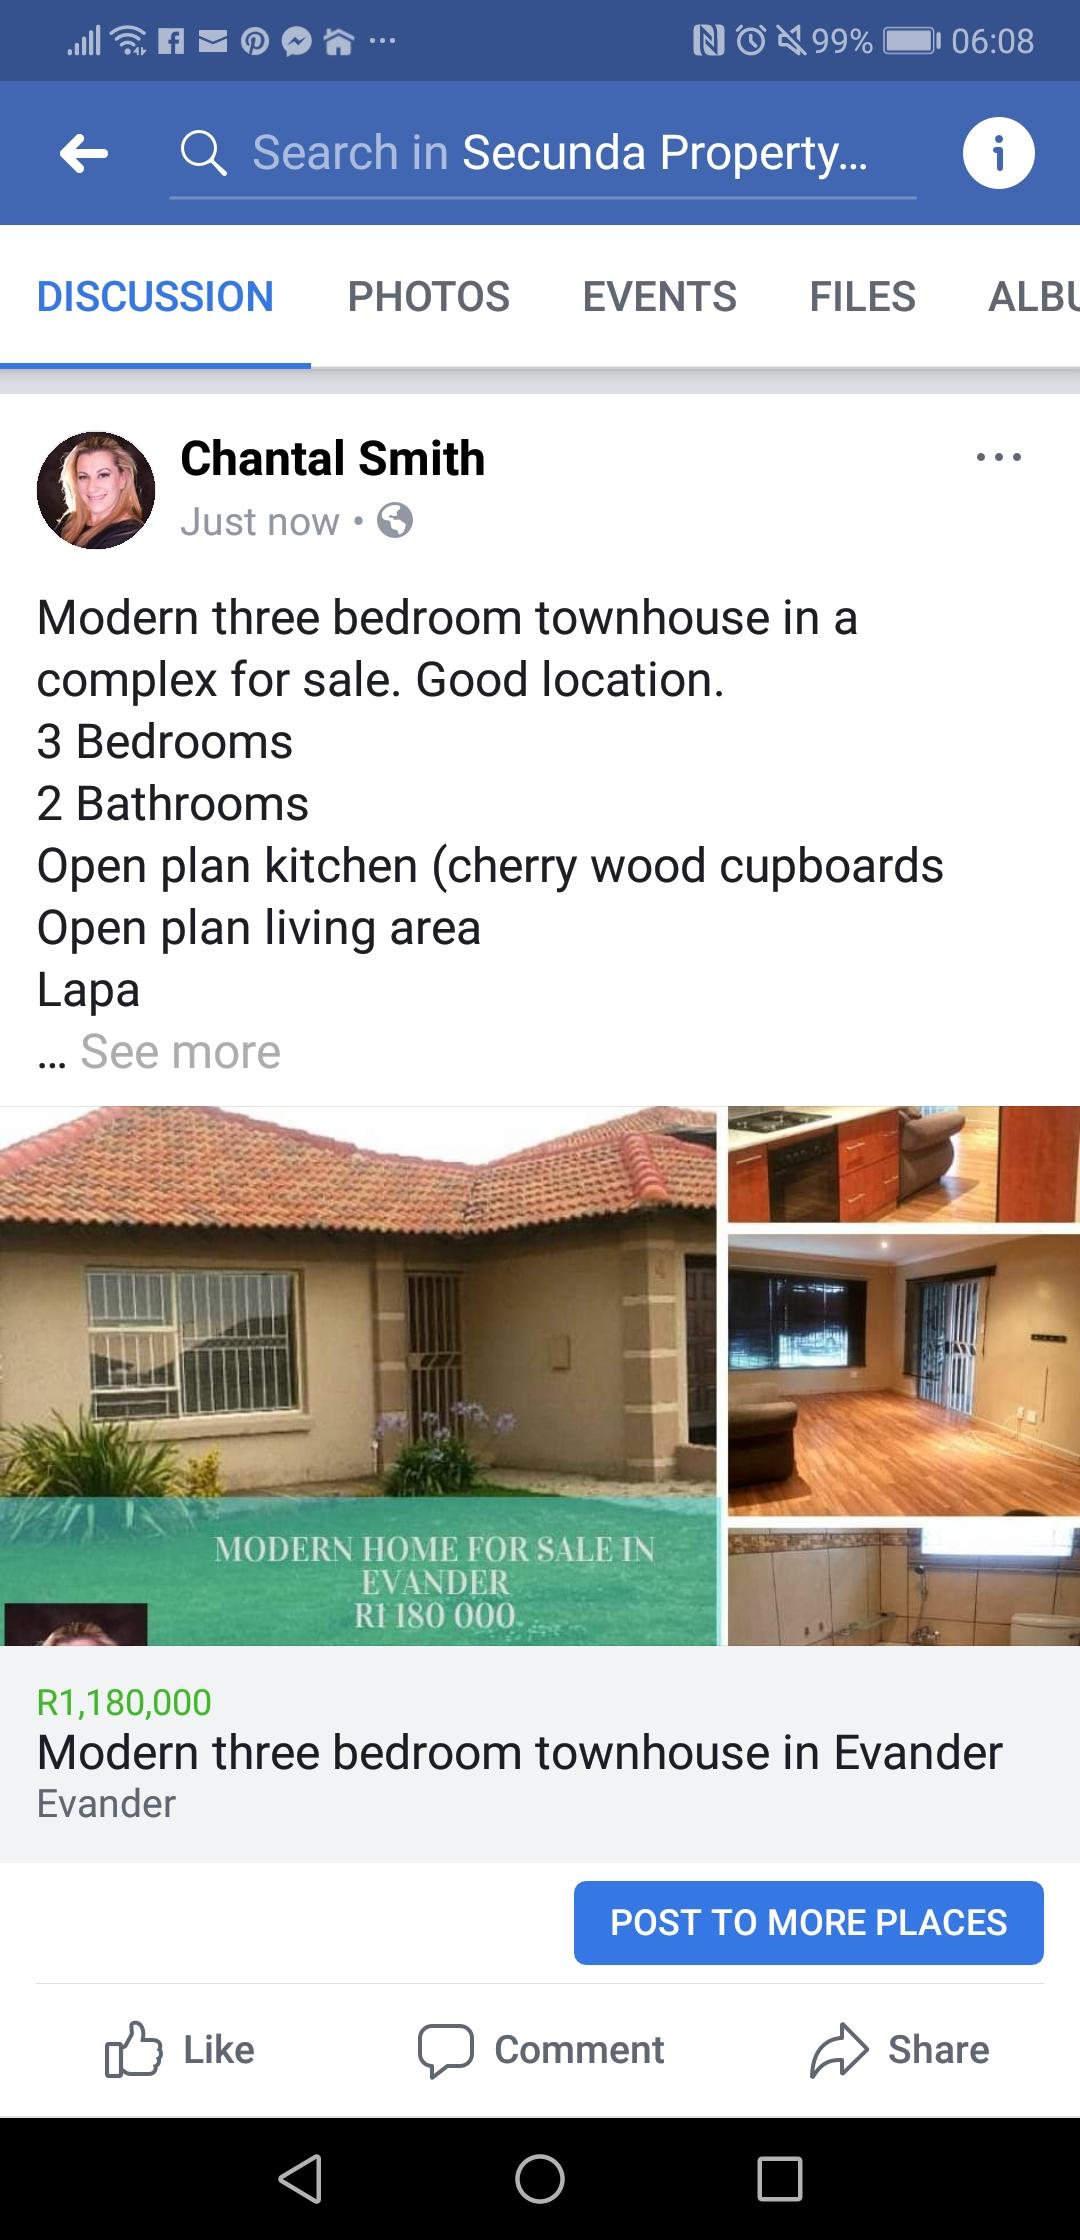 Modern 3 Bedroom Townhouse for sale in Evander